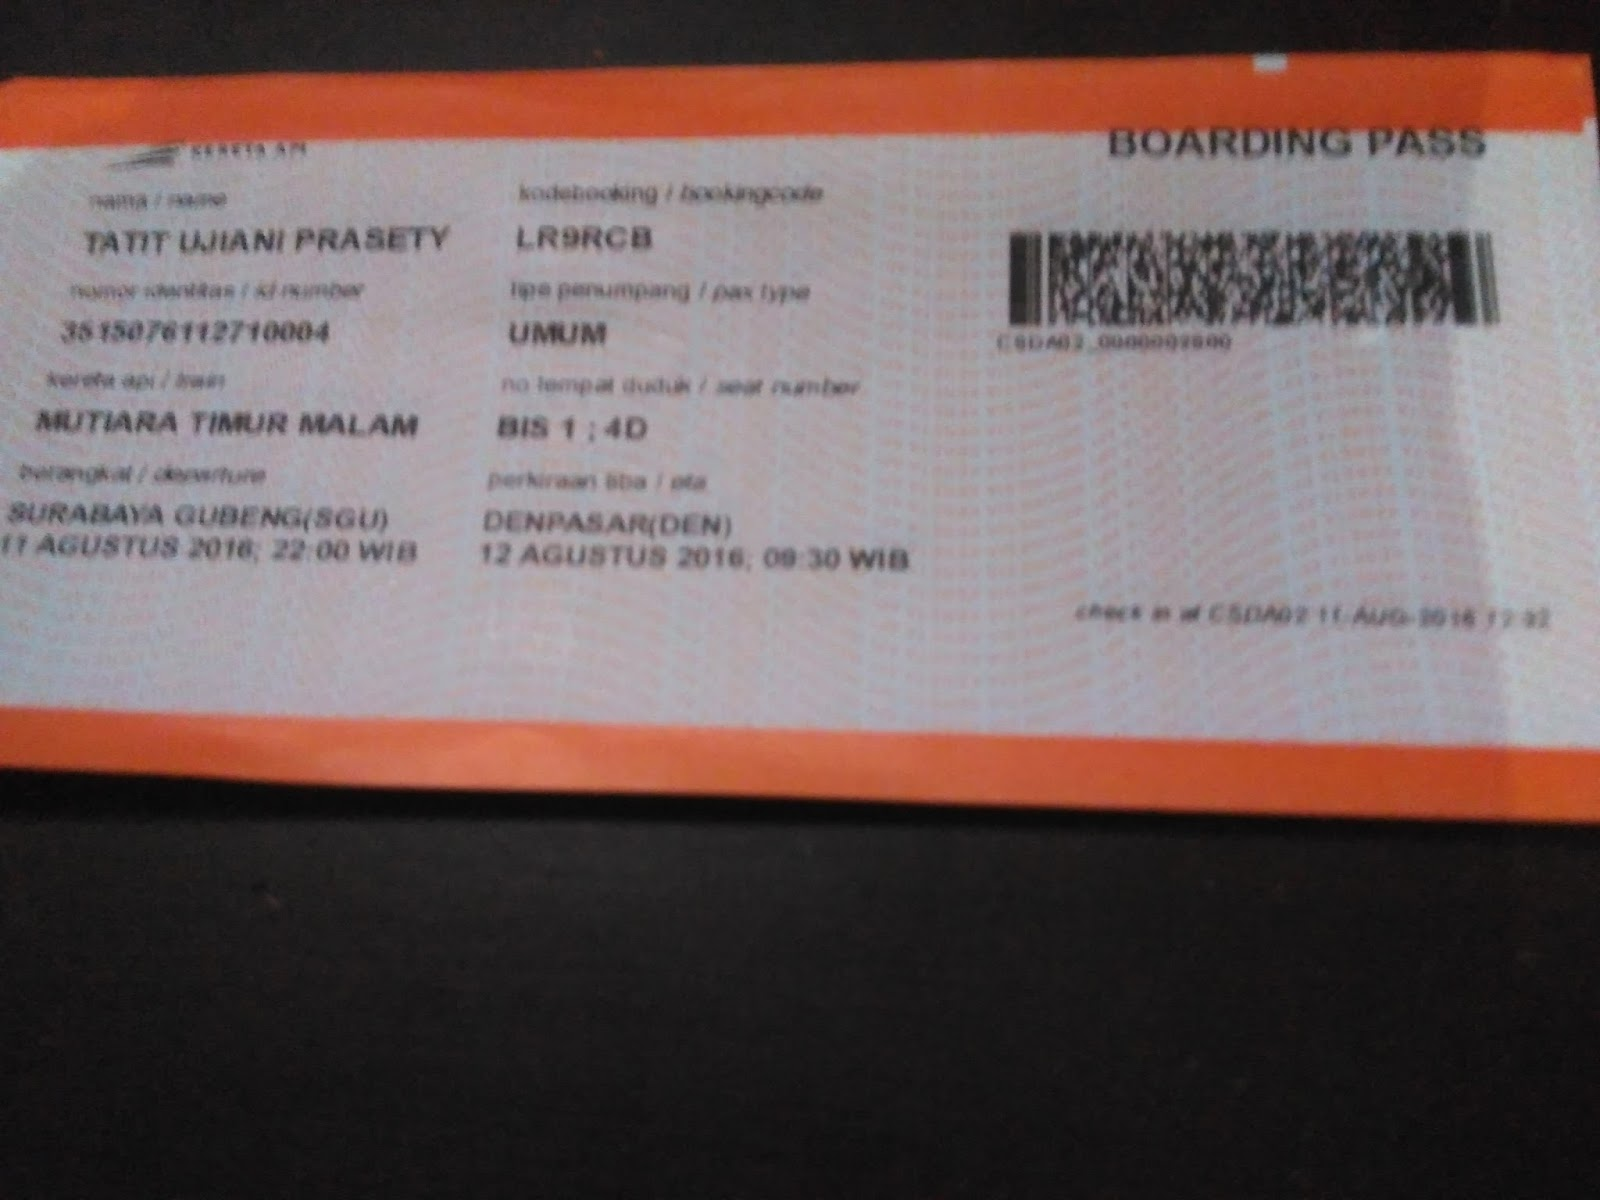 Boarding Dan Check In Tiket Kereta Api Rumah Maya Tatit